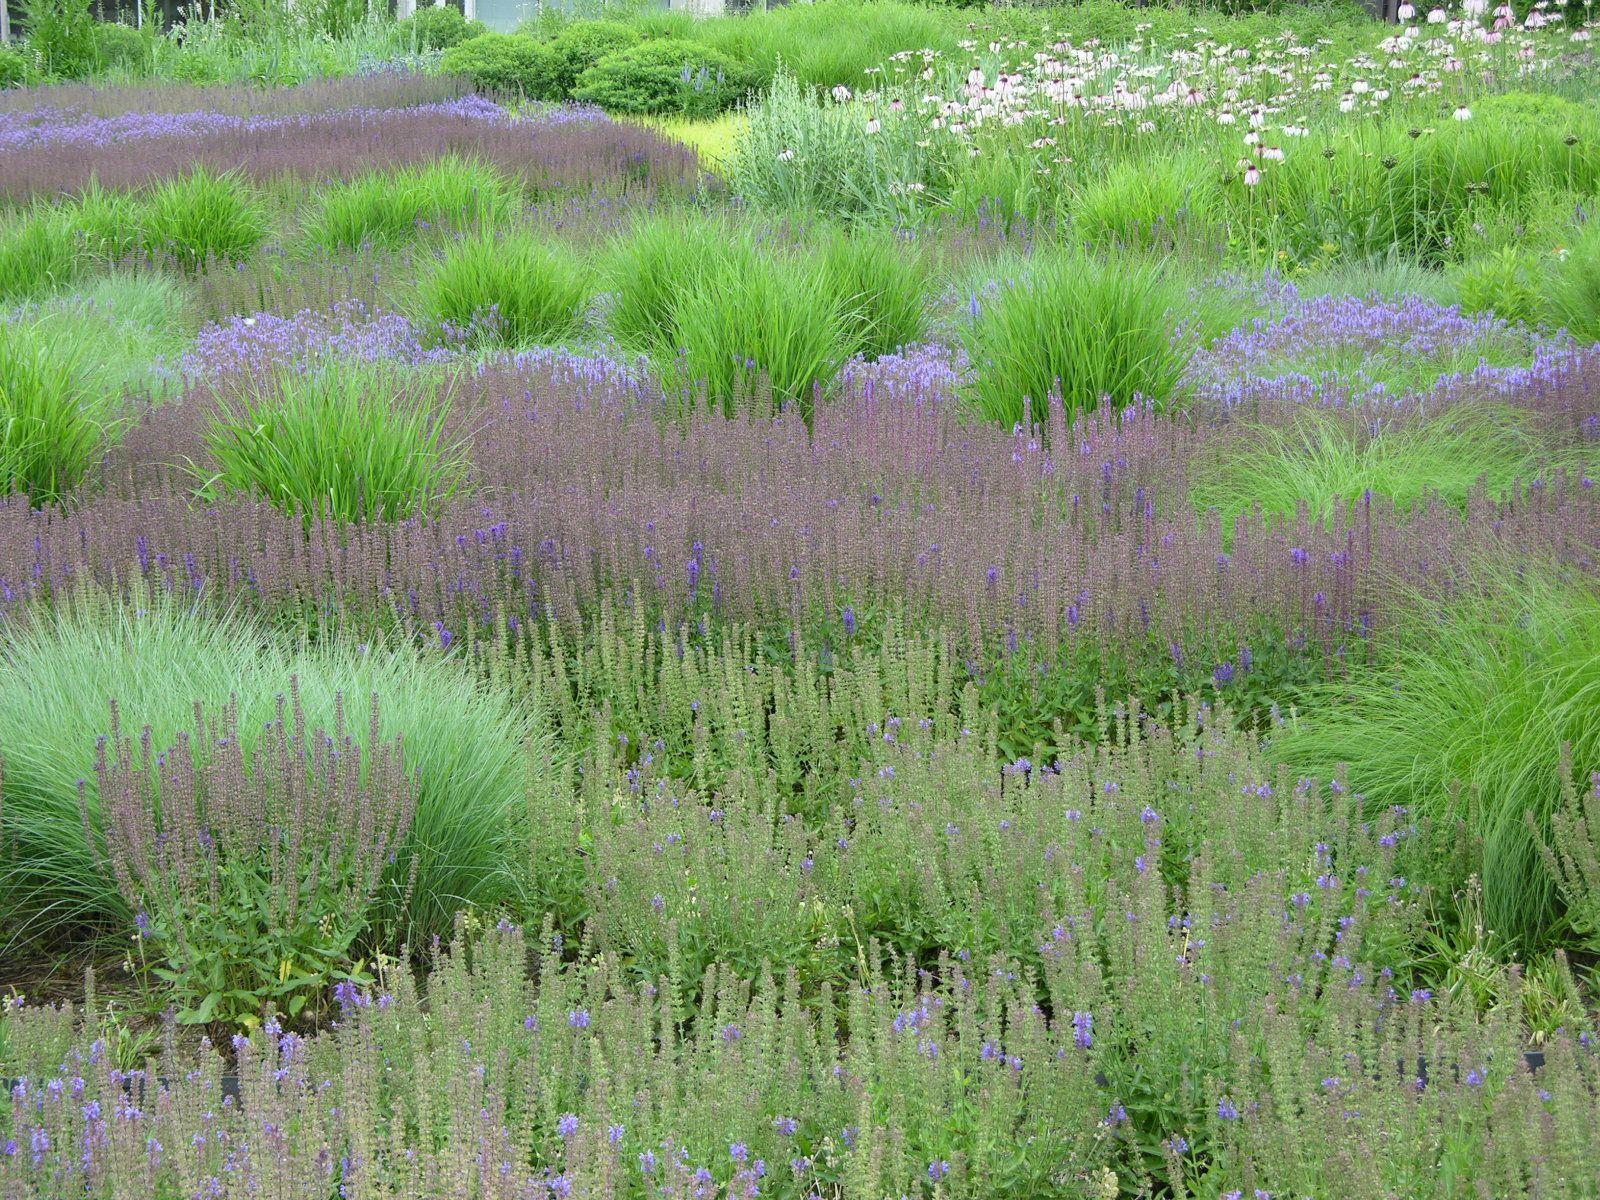 Project lurie garden millenium park location chicago for Piet oudolf pflanzen